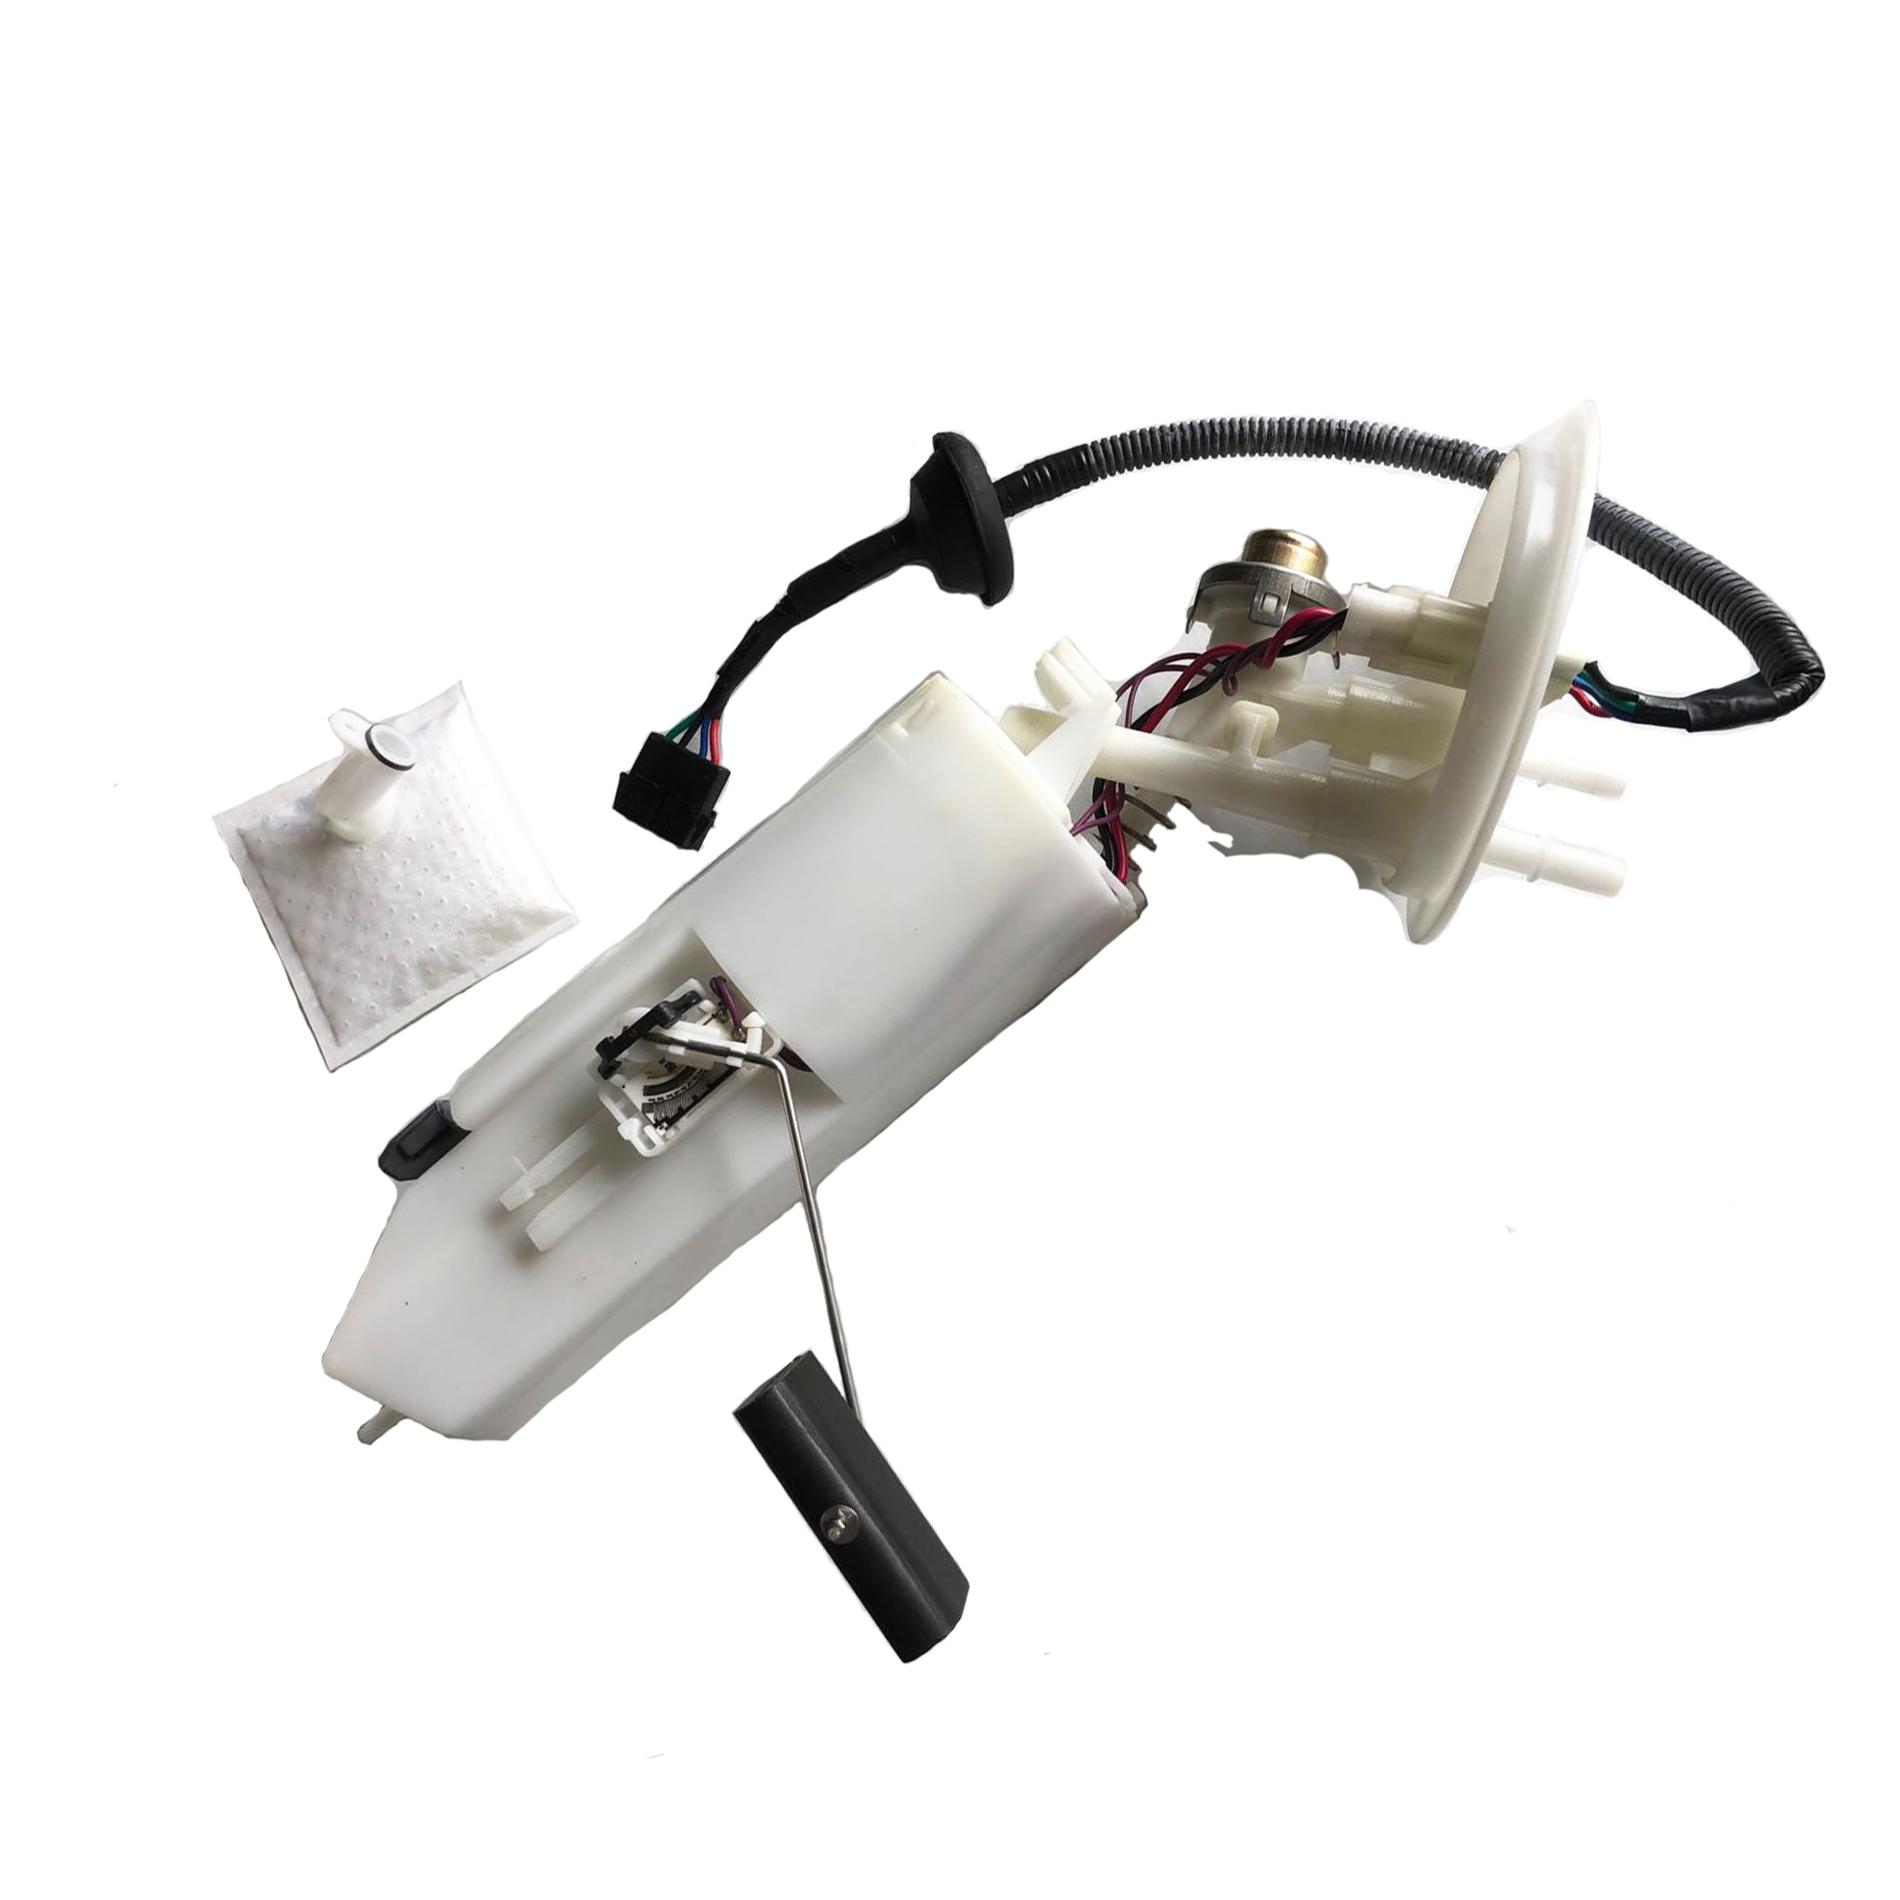 2000 Dodge Caravan Fuel Pump